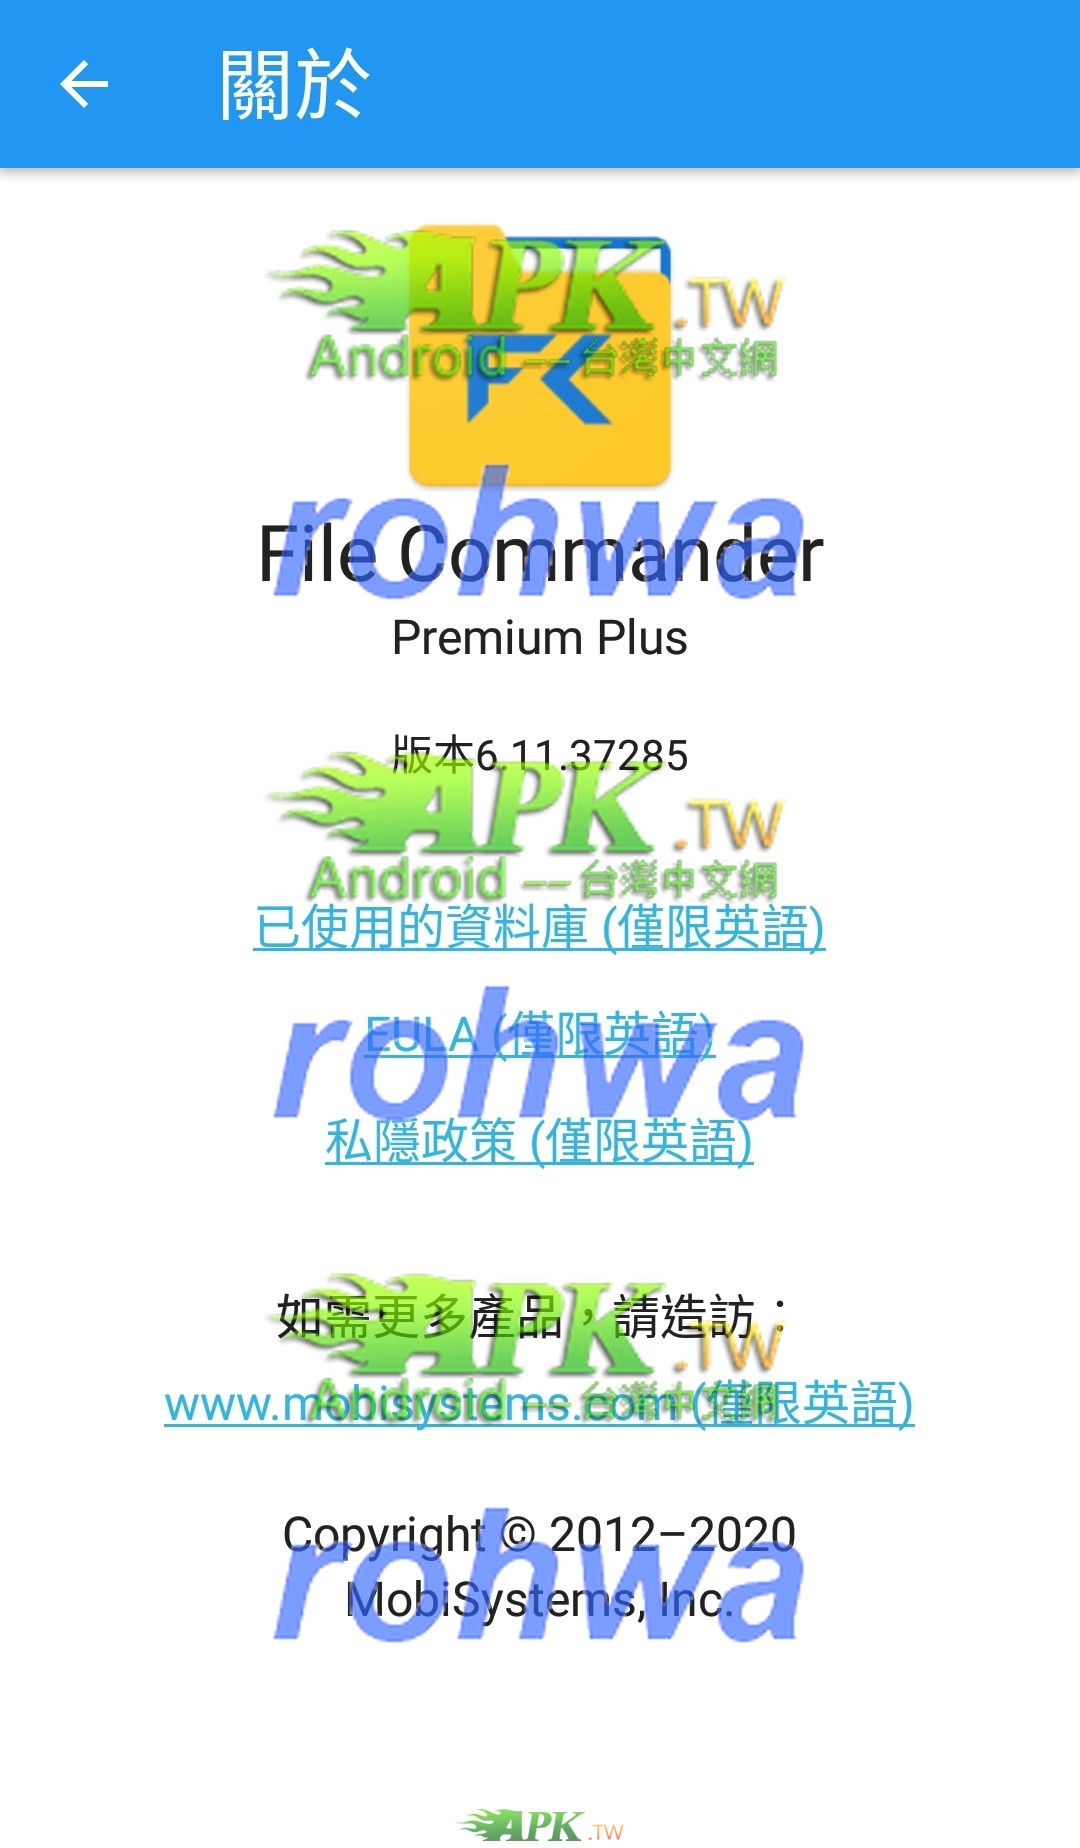 FileCommander__1__.jpg